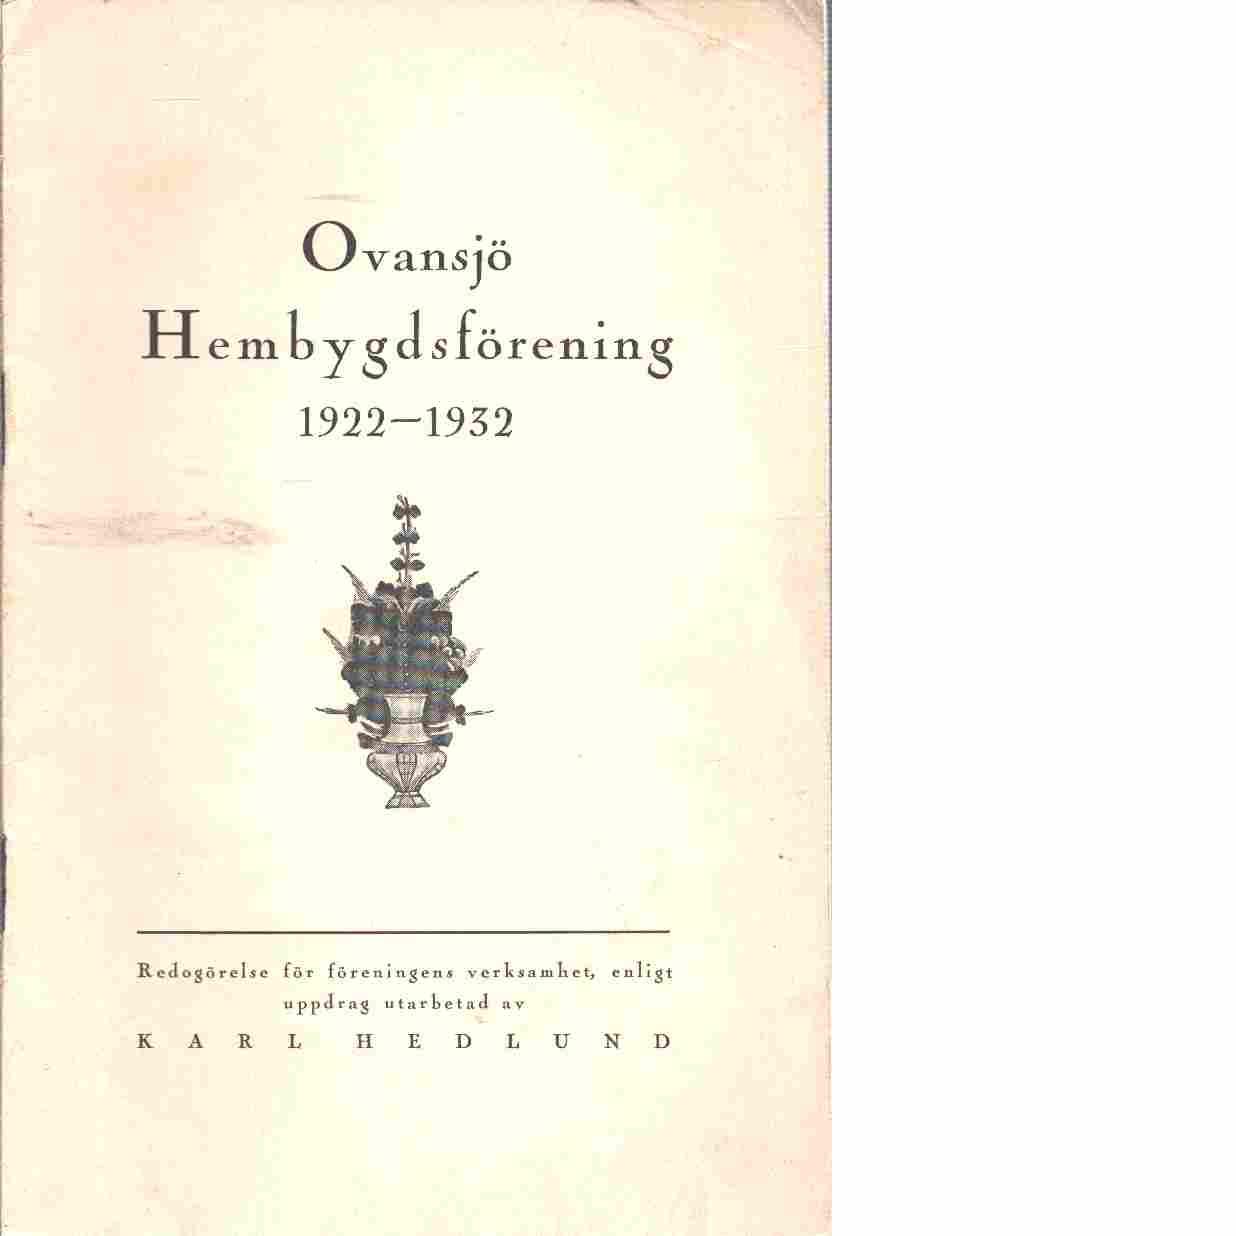 Ovansjö hembygdsförening 1922-1932 : redogörelse för föreningens verksamhet - Hedlund, Karl